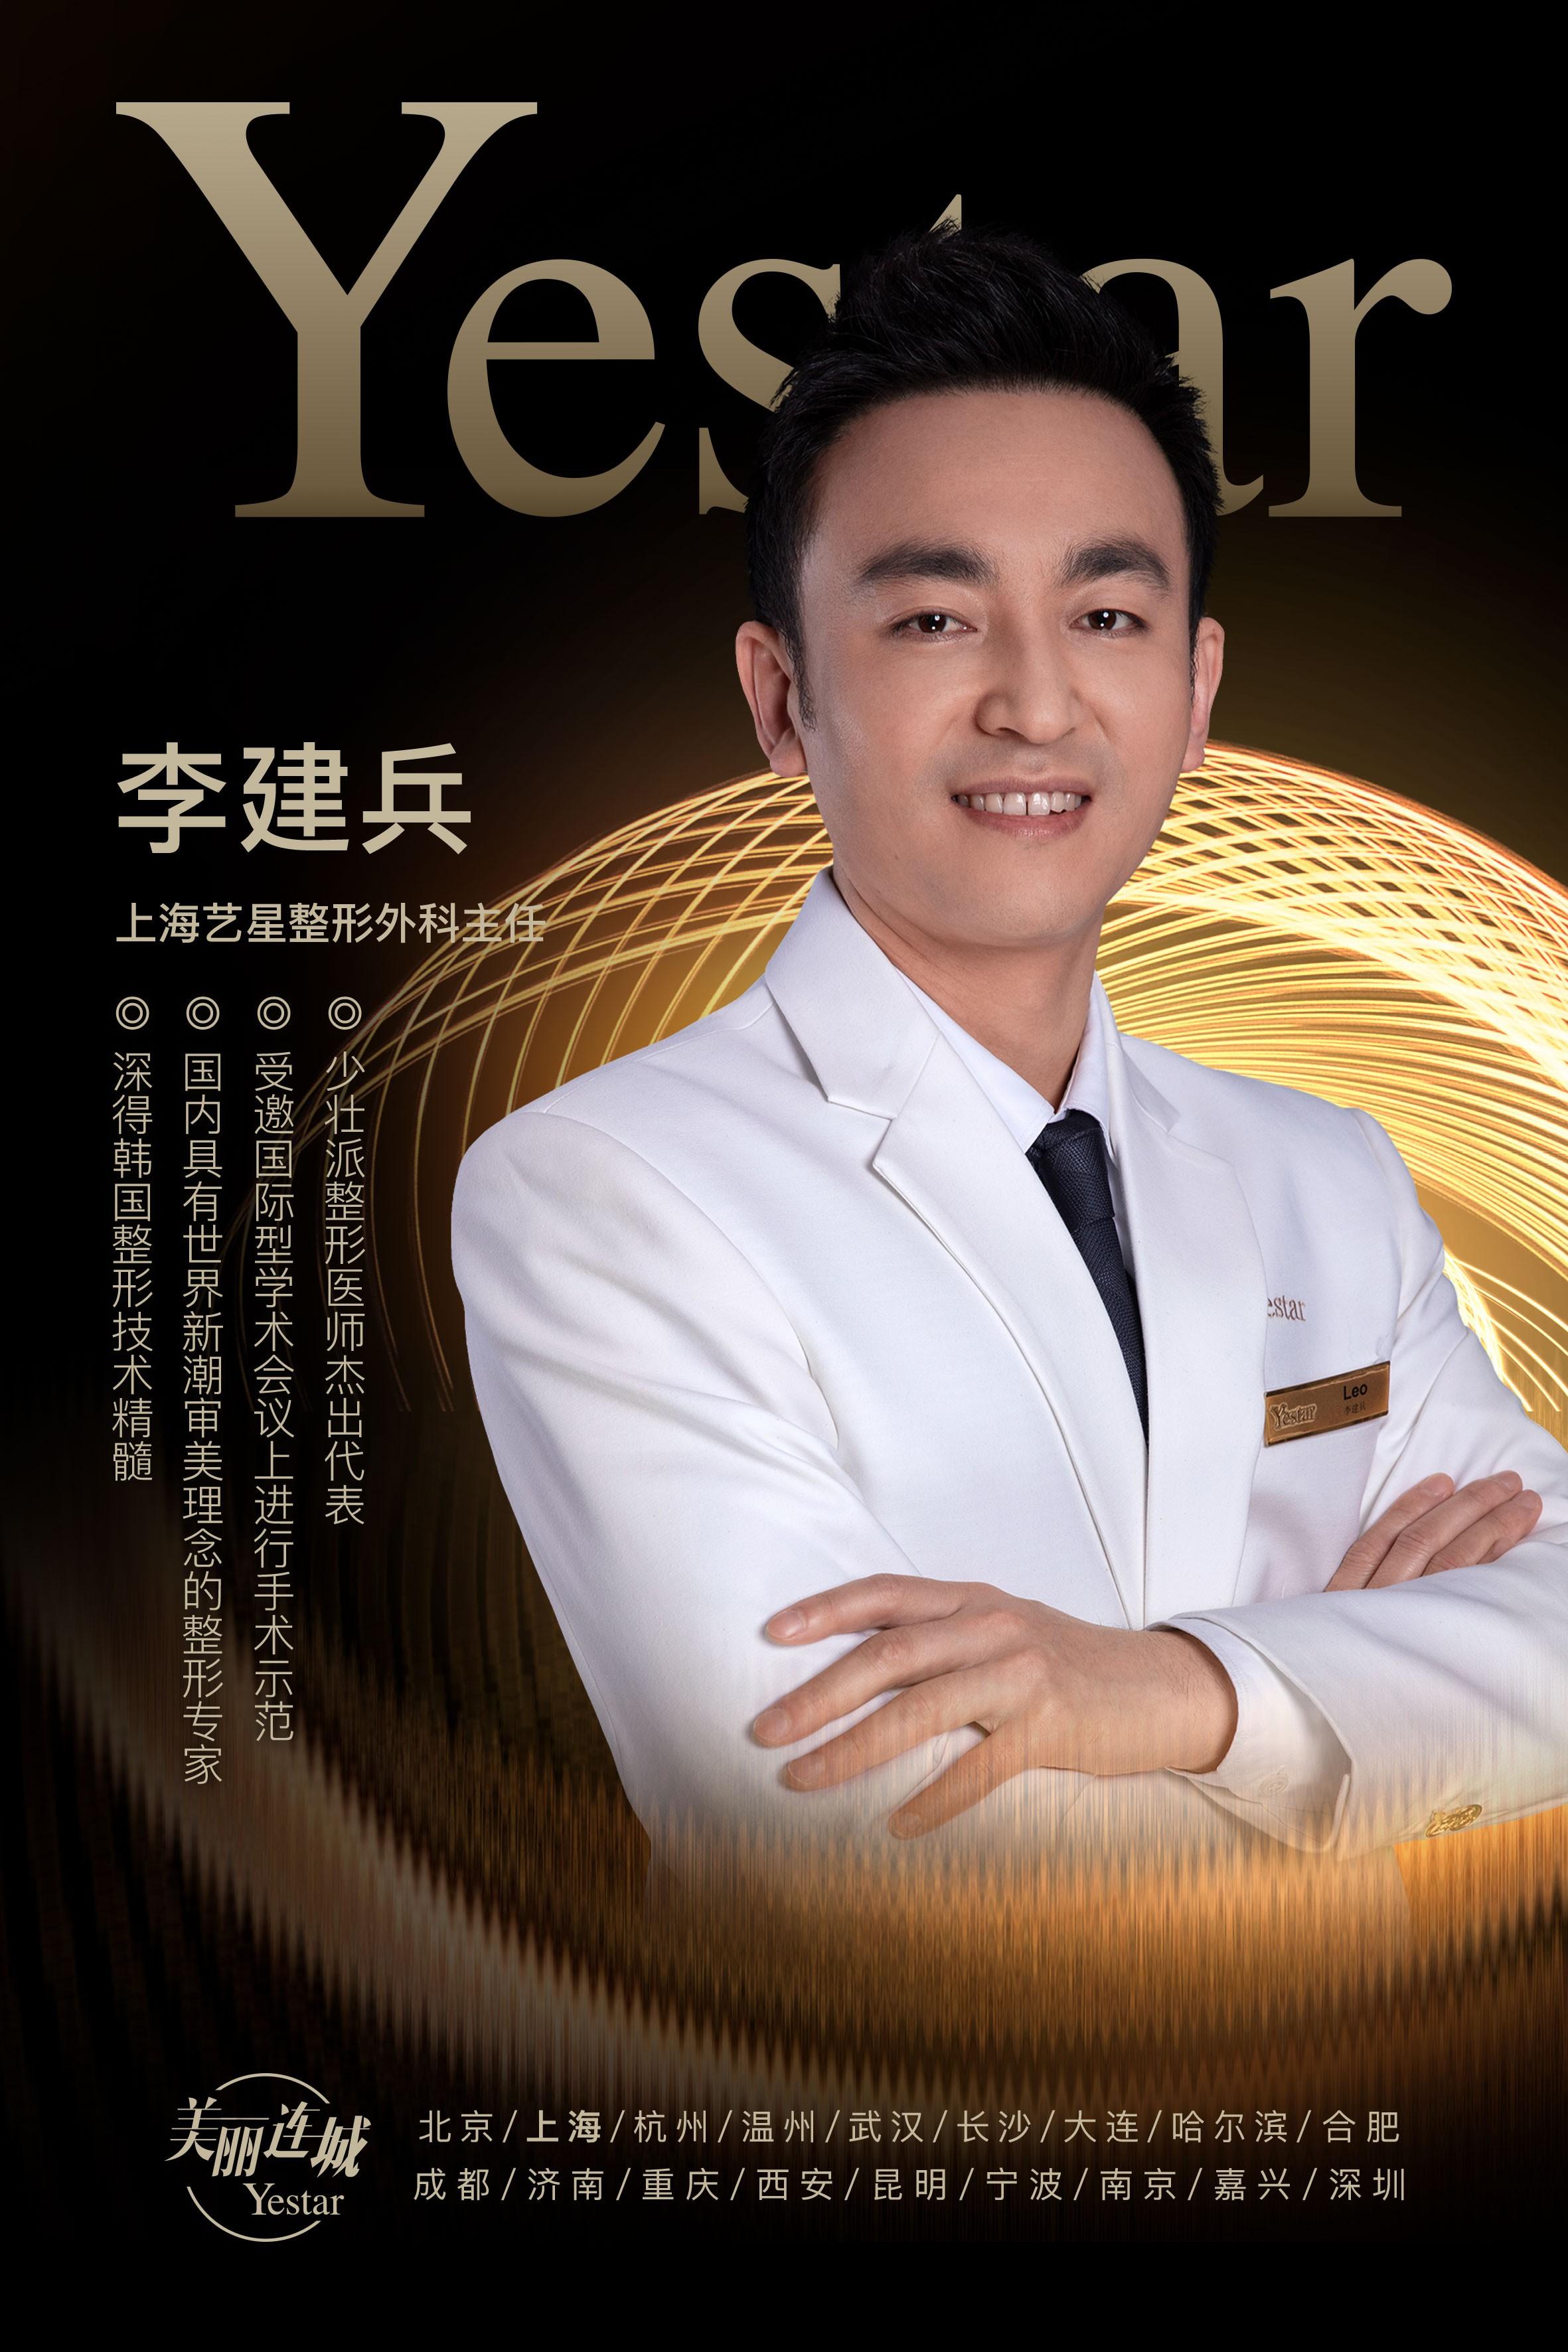 上海艺星李建兵医生人物志 隆鼻双子星 革新传统整形理念